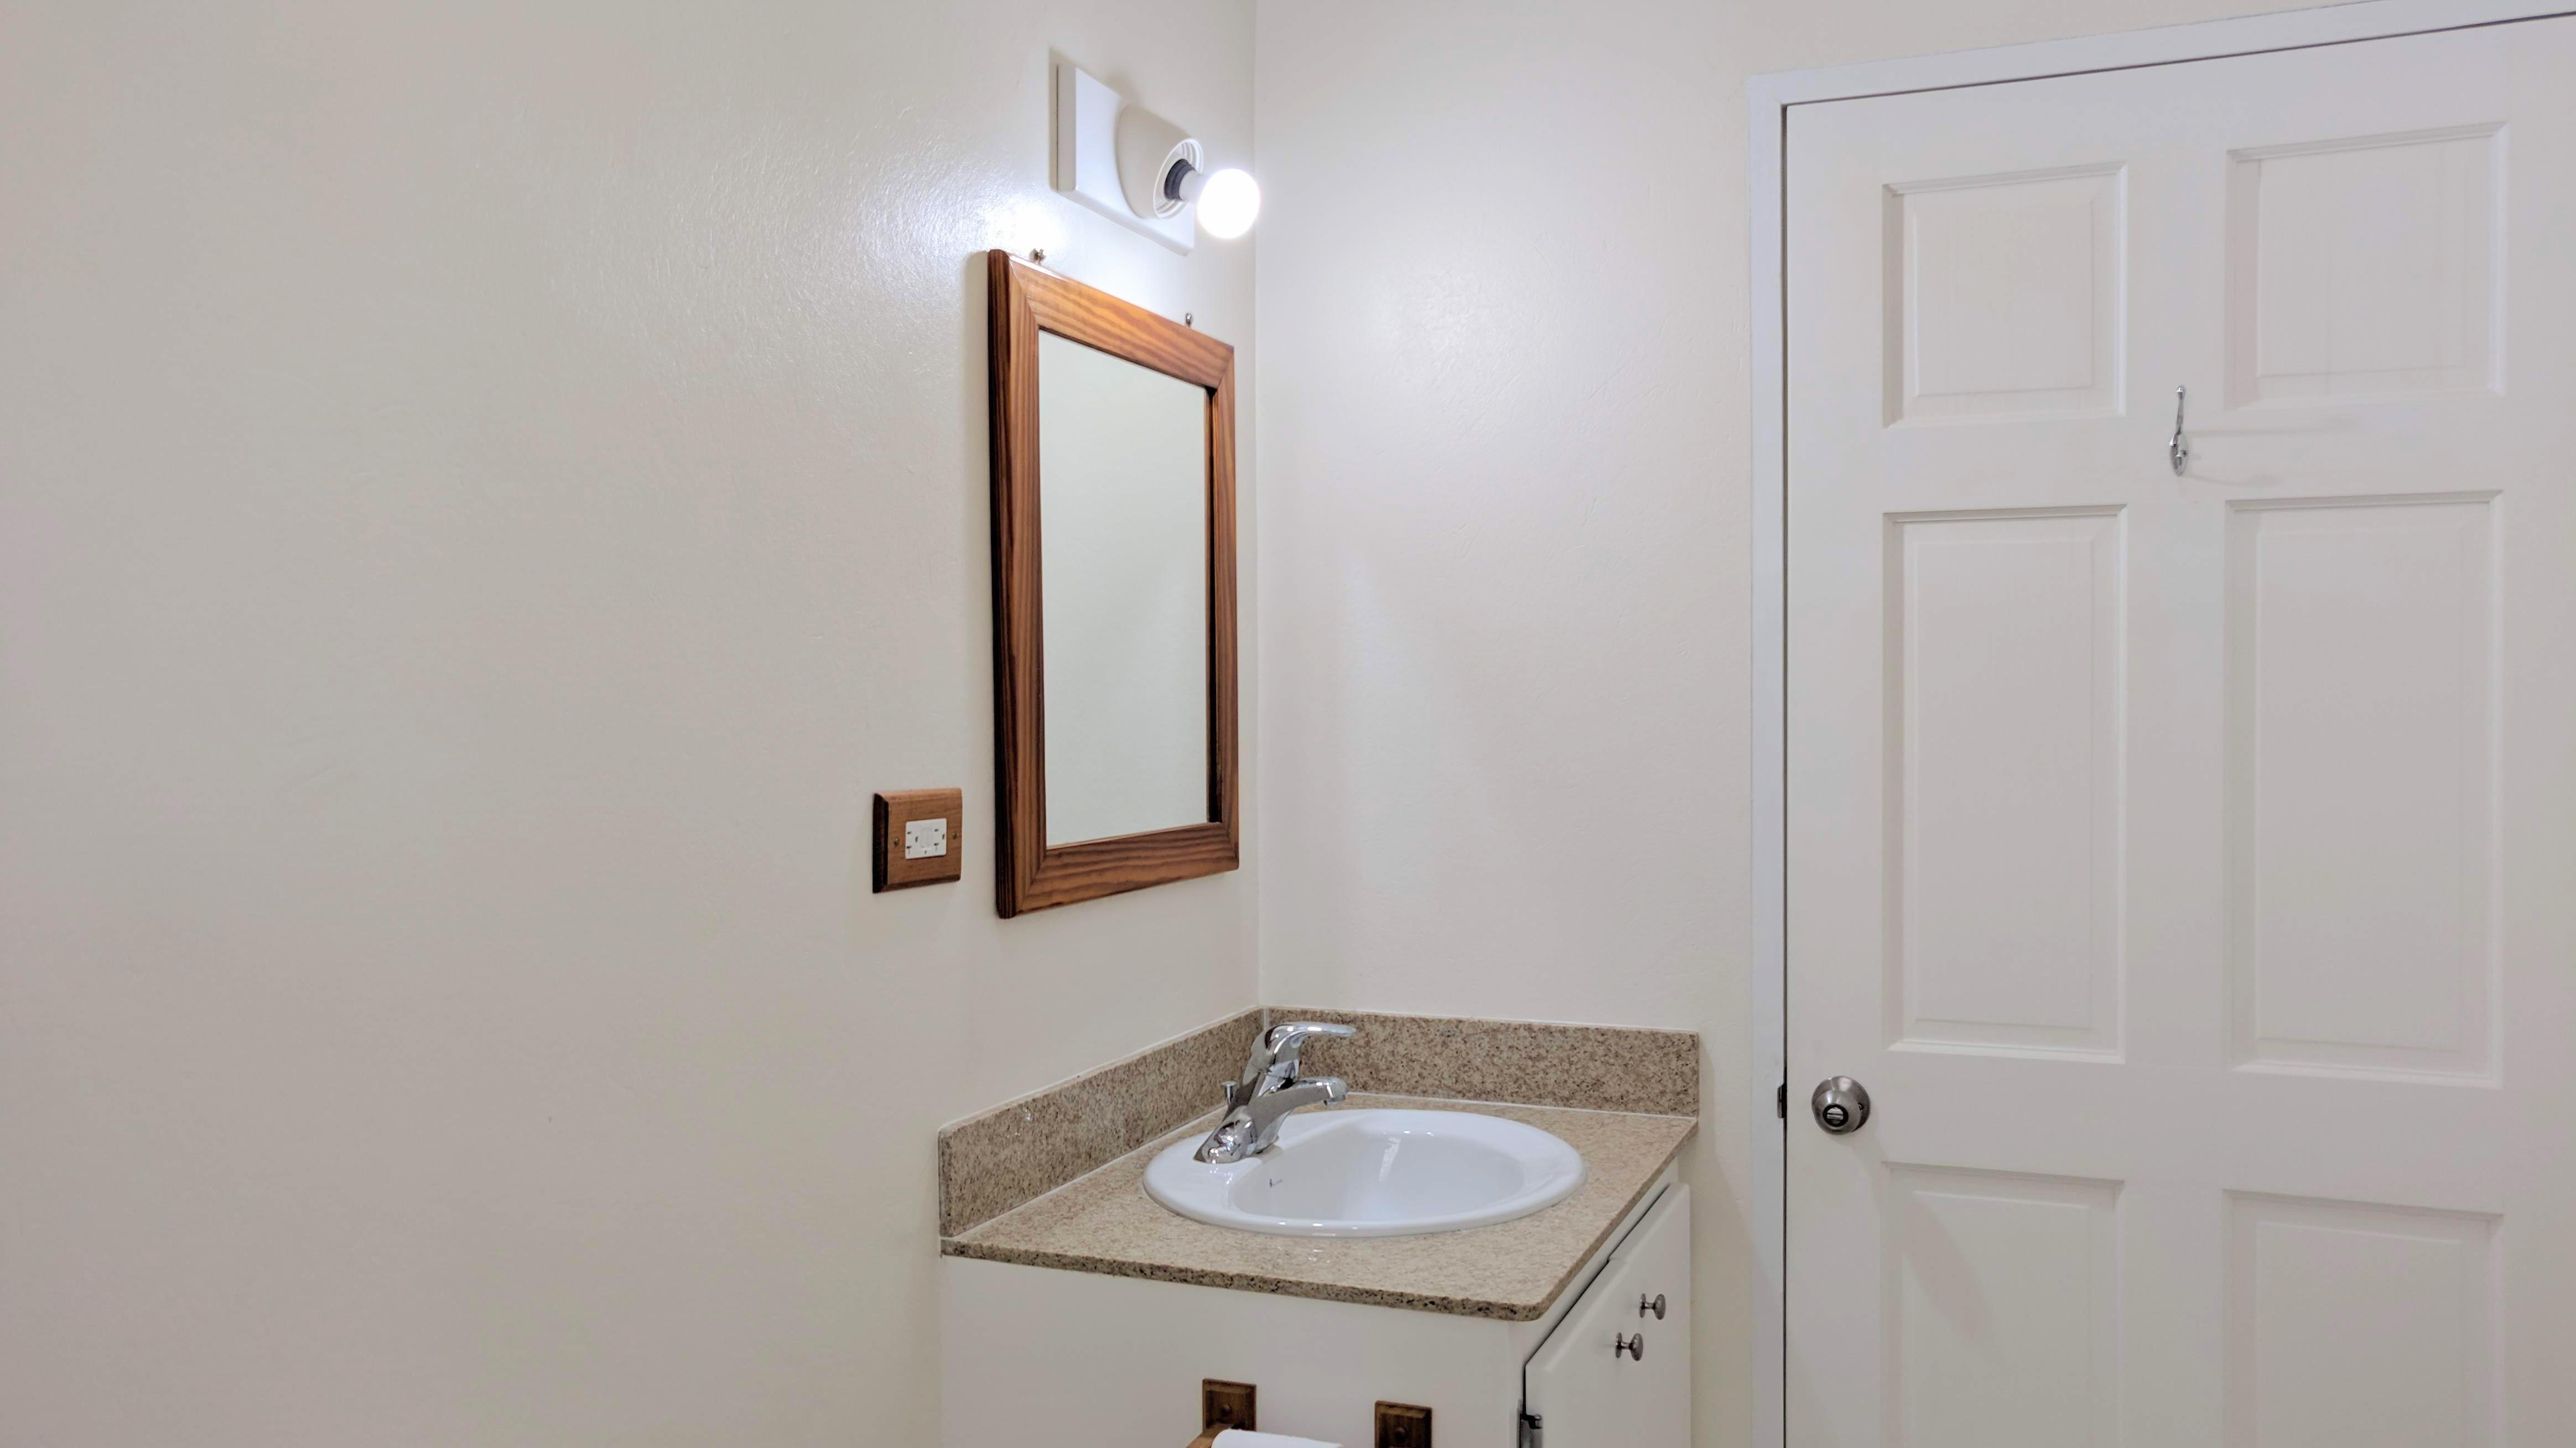 Bathroom, Mt. Standfast, St. James